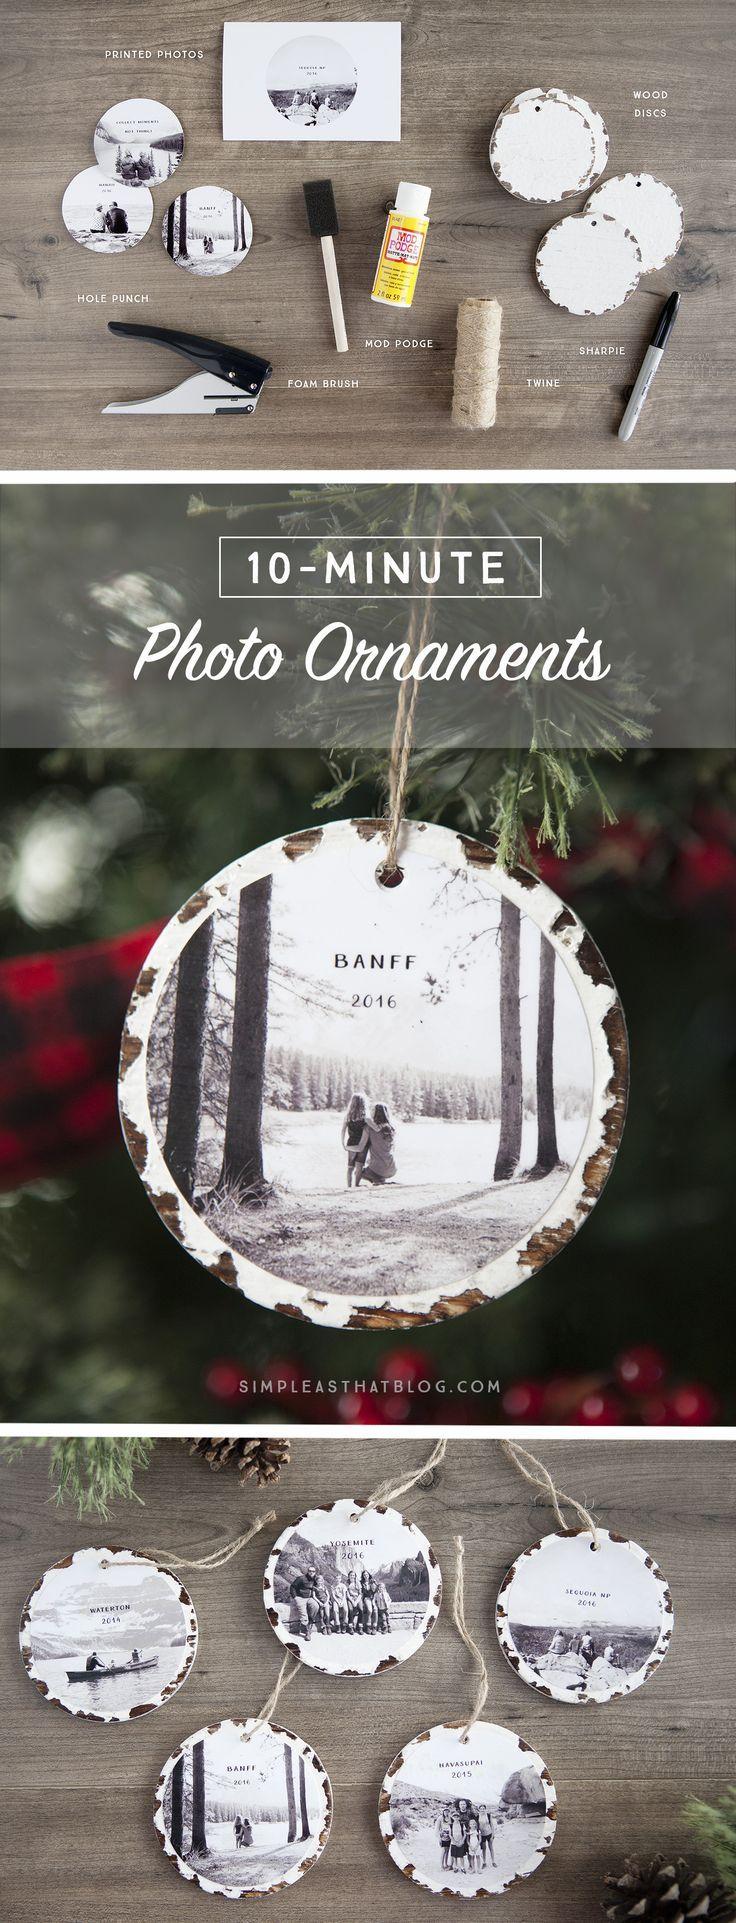 0a2d933d1cb9a7947d4a1f8d15530d3cjpg 10 Minute Photo Keepsake Ornaments